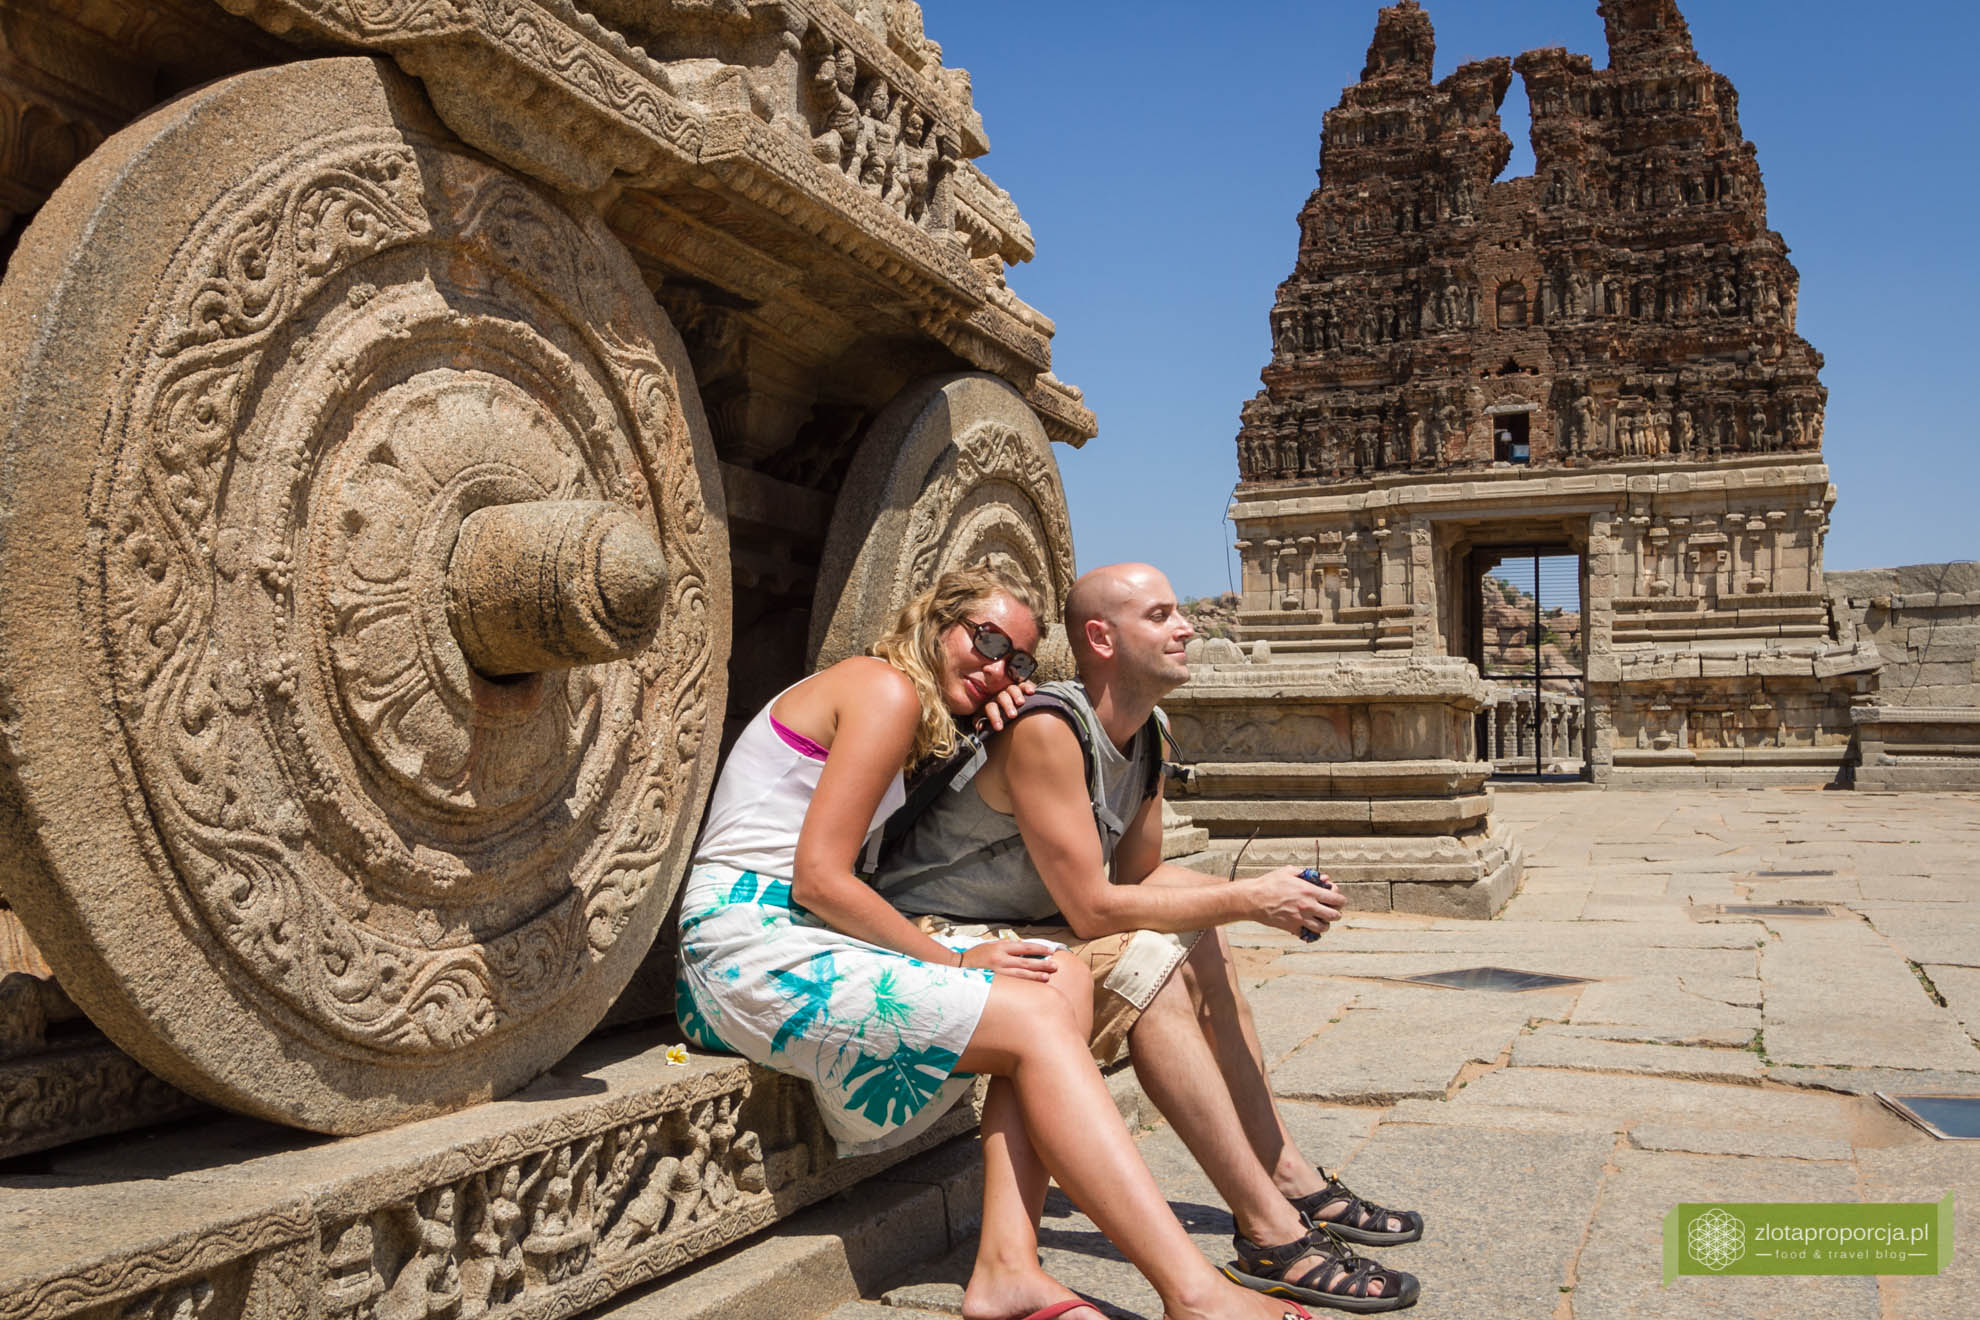 Świątynia Vittala, Hampi, Karnataka, Indie, zwiedzanie Hampi, okolice Goa, Indie ciekawe miejsca, Karnataka atrakcje, świątynie w Hampi